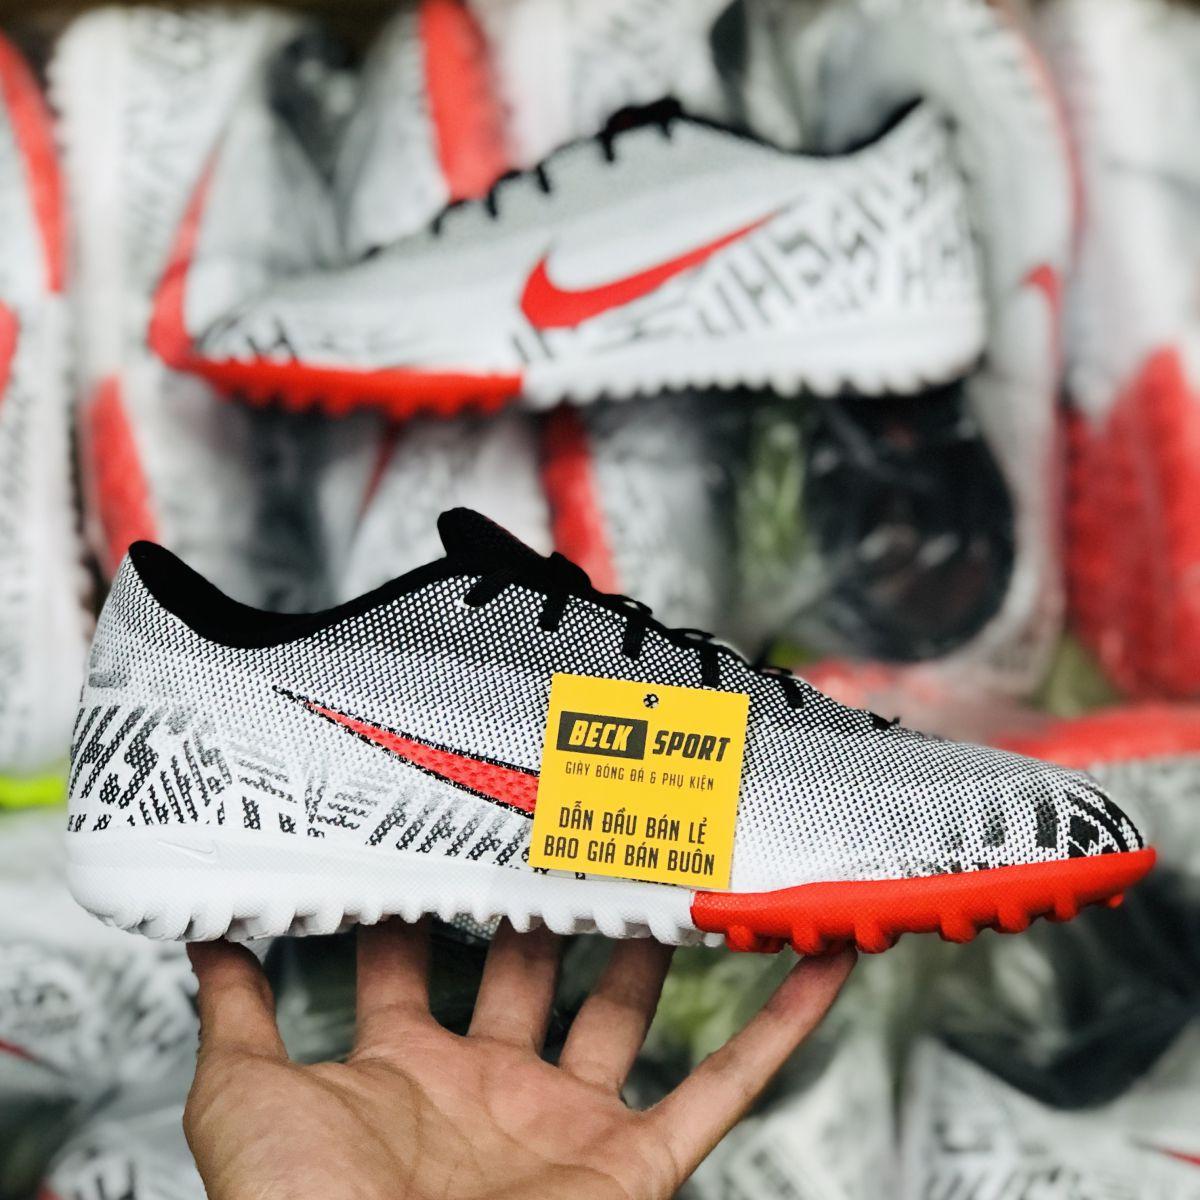 Giày Bóng Đá Nike Mercurial Vapor 6 Academy Neymar Trắng Đen Vạch Đỏ TF